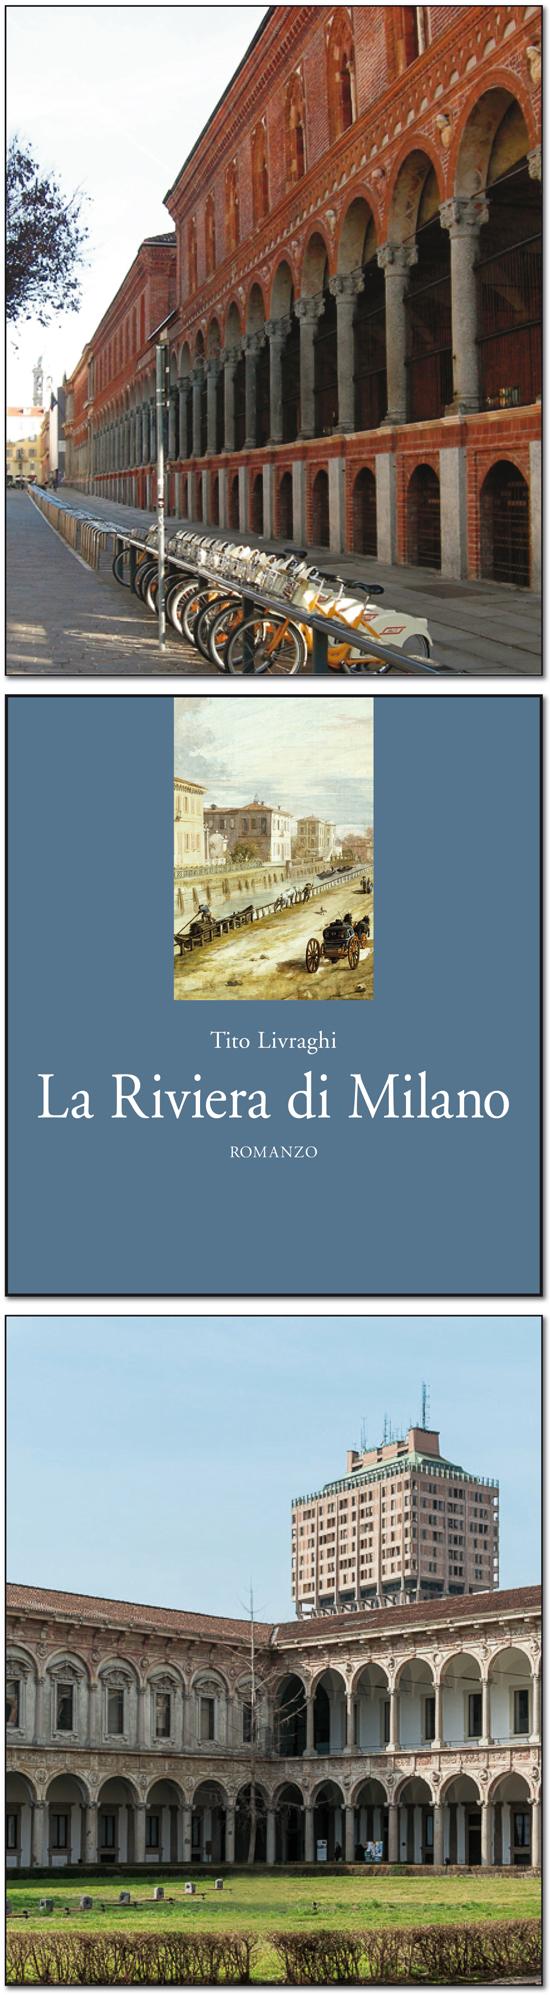 La-Riviera-di-Milano-Tito-Livraghi